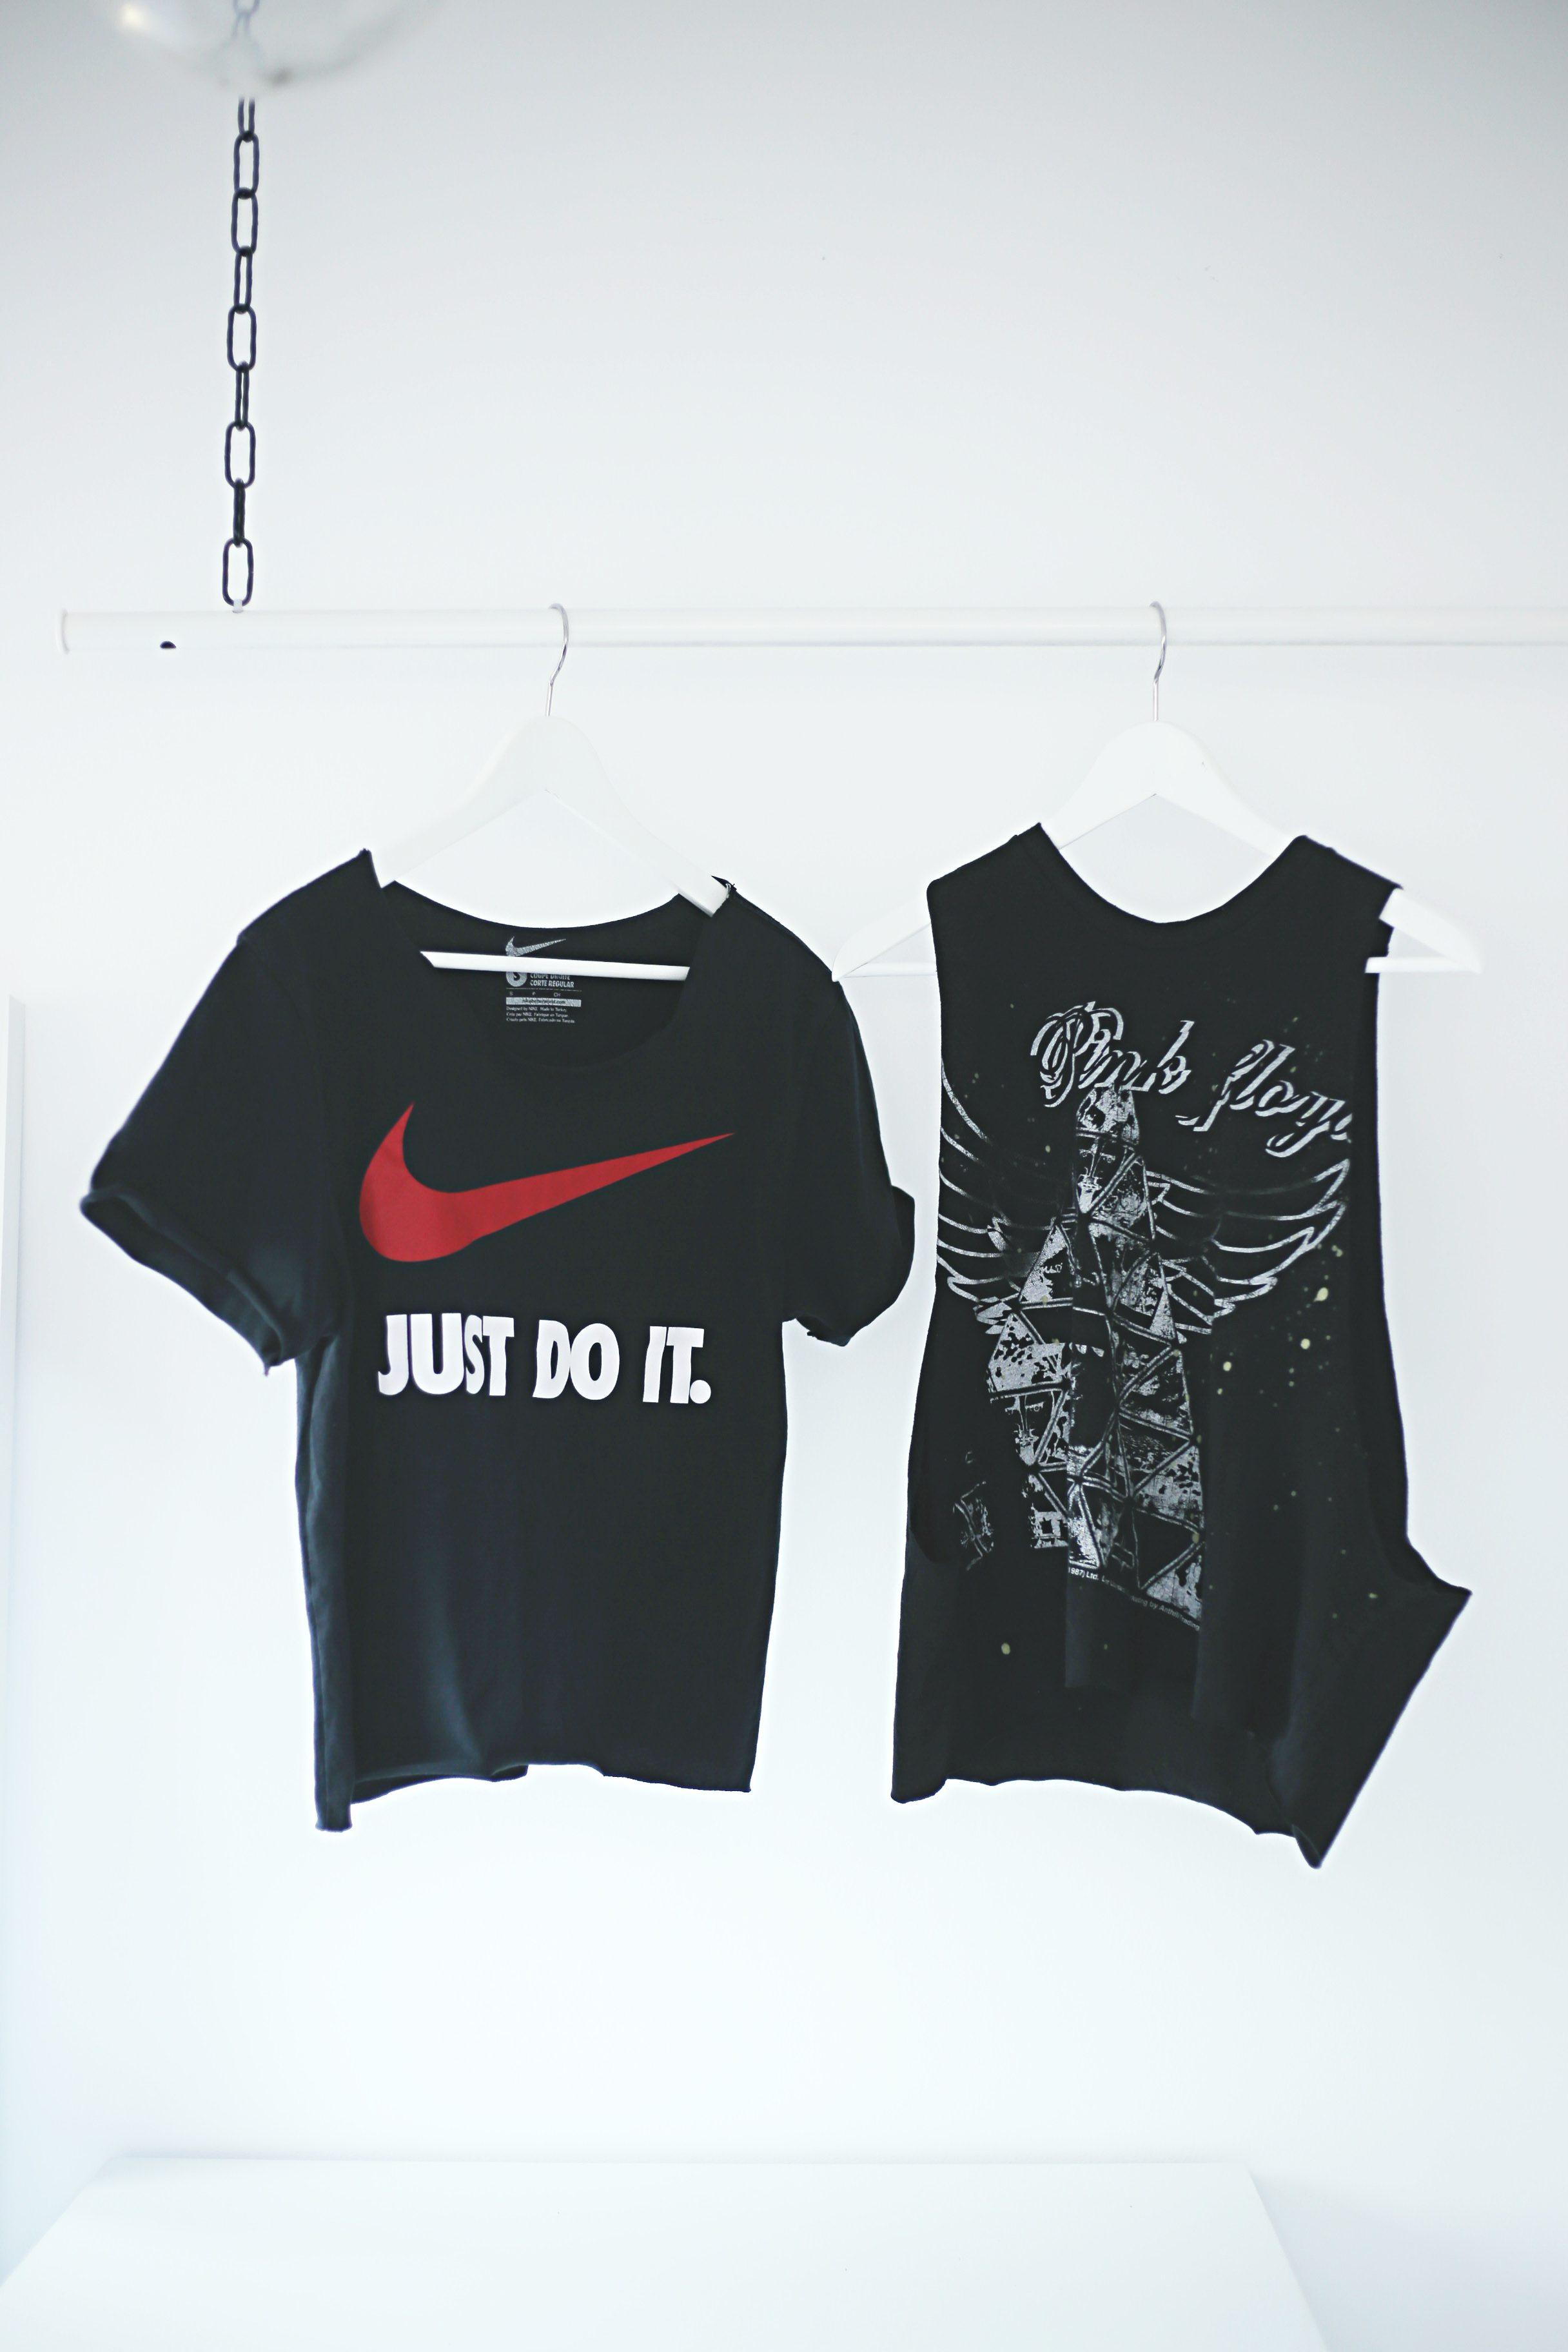 DIY – Summer Shirts